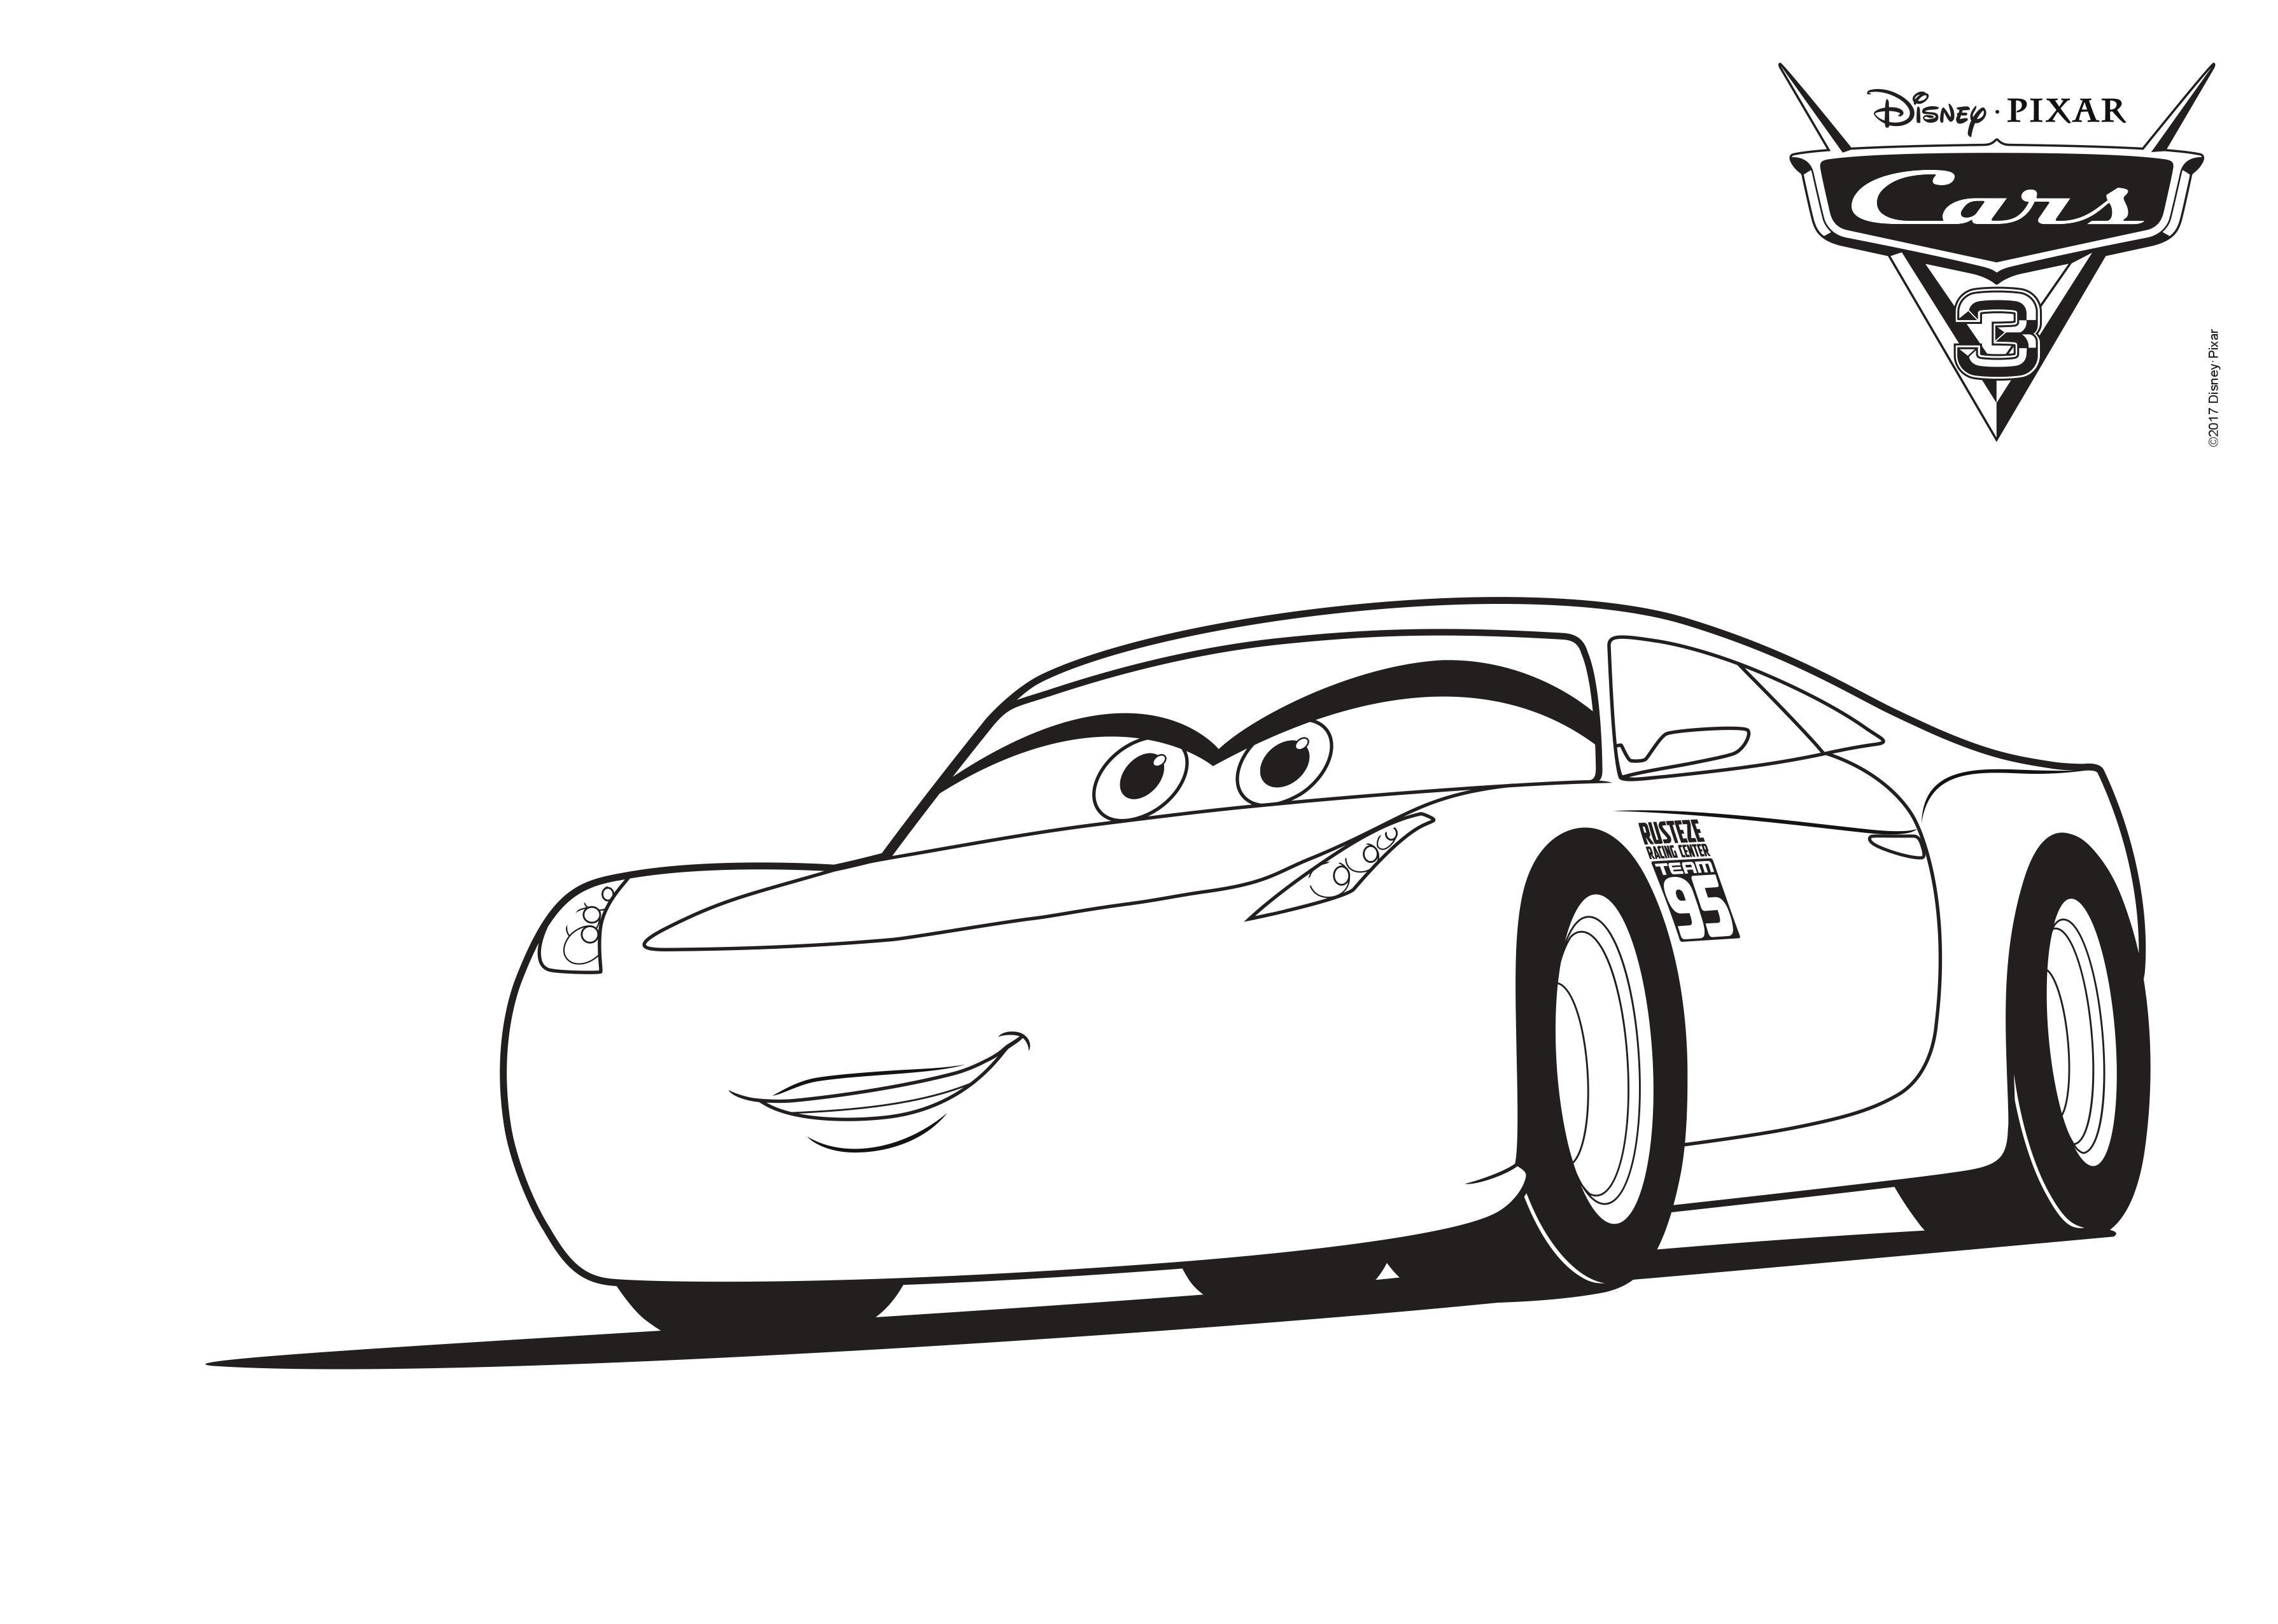 Malvorlagen Bagger Inspirierend asumalbilder Pinterest Ausmalbilder Cars 3 Mndw Bild